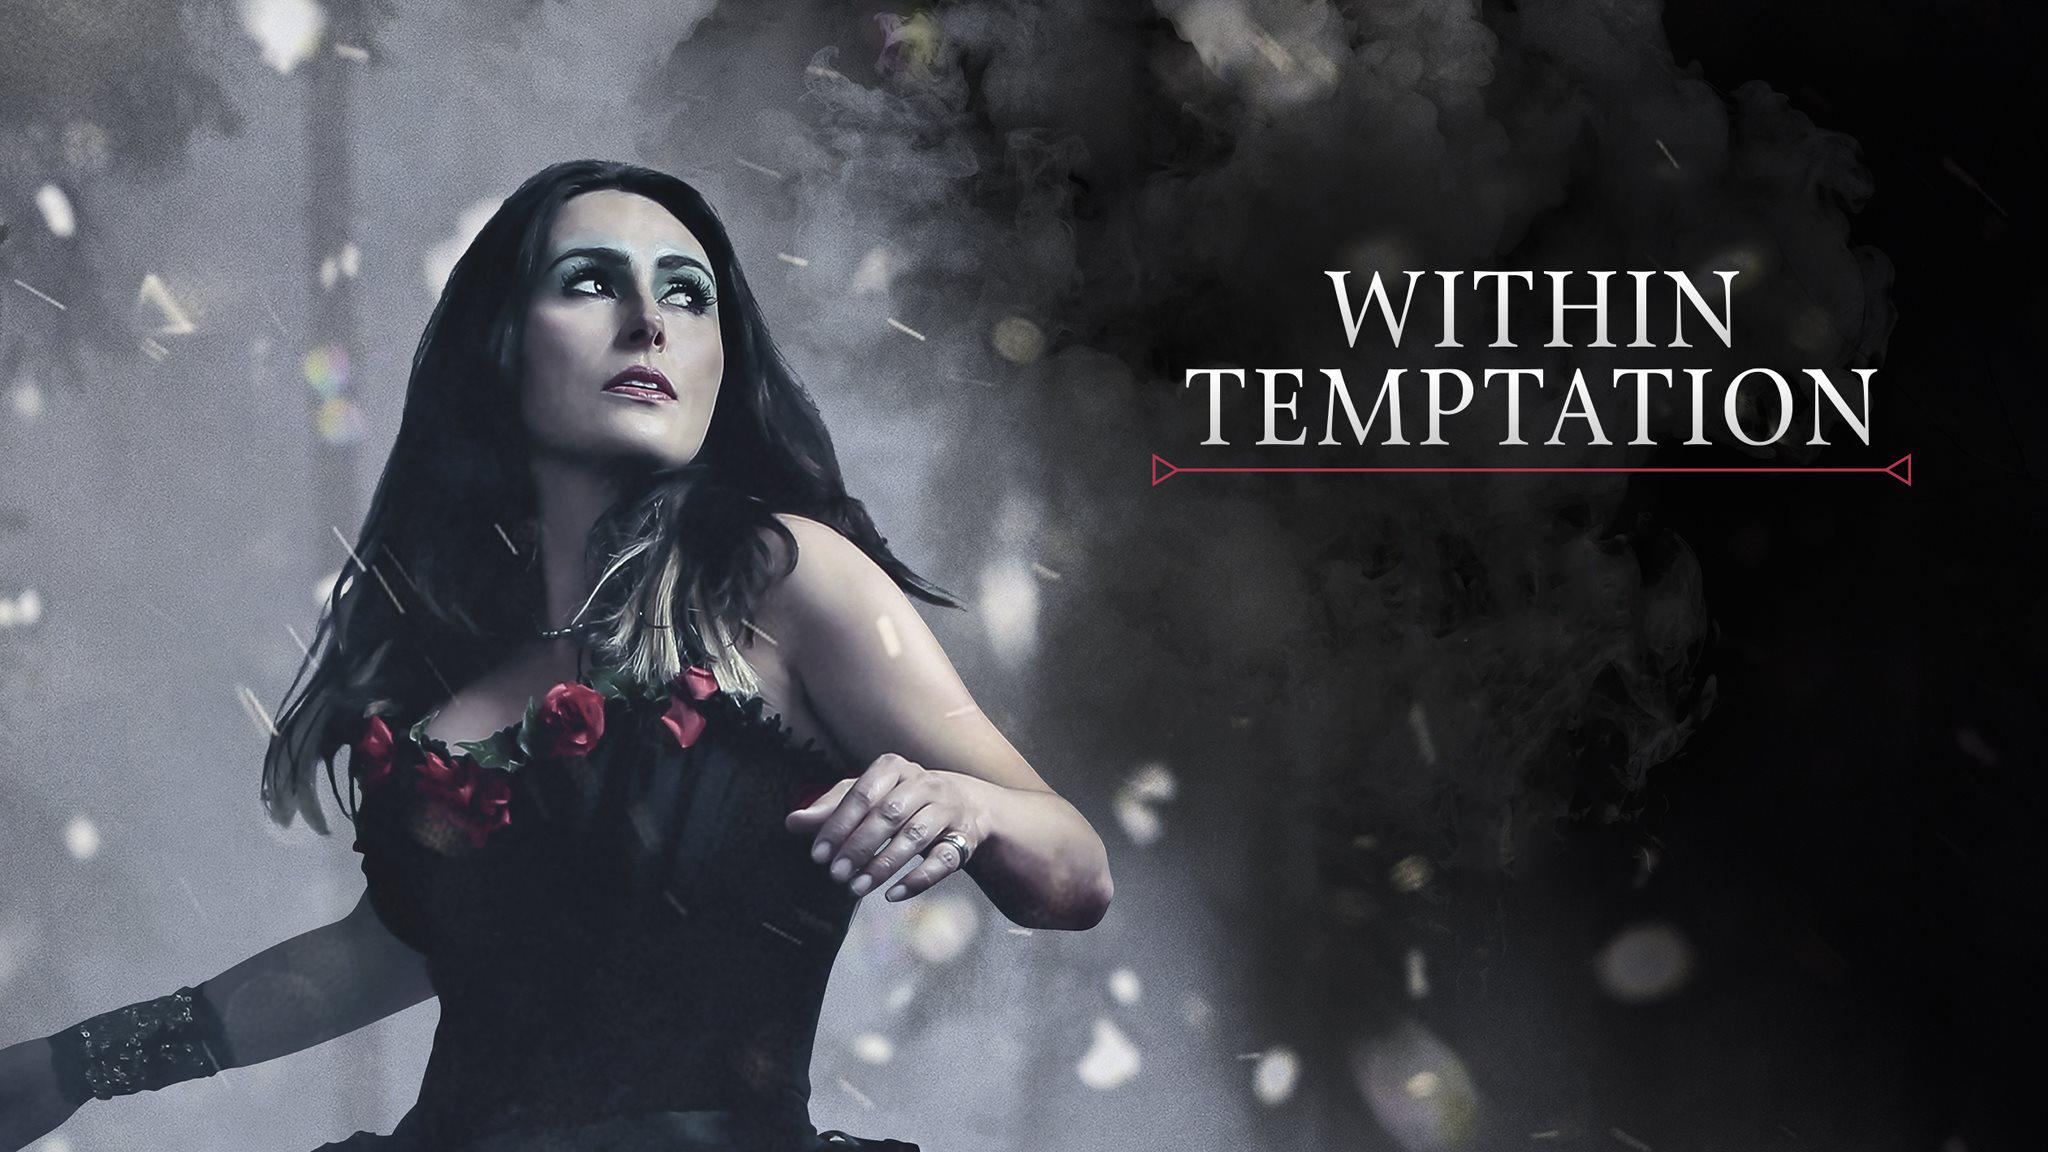 Νέα Συνεργασία   Within Temptation Feat. Jacoby Shaddix – The Reckoning